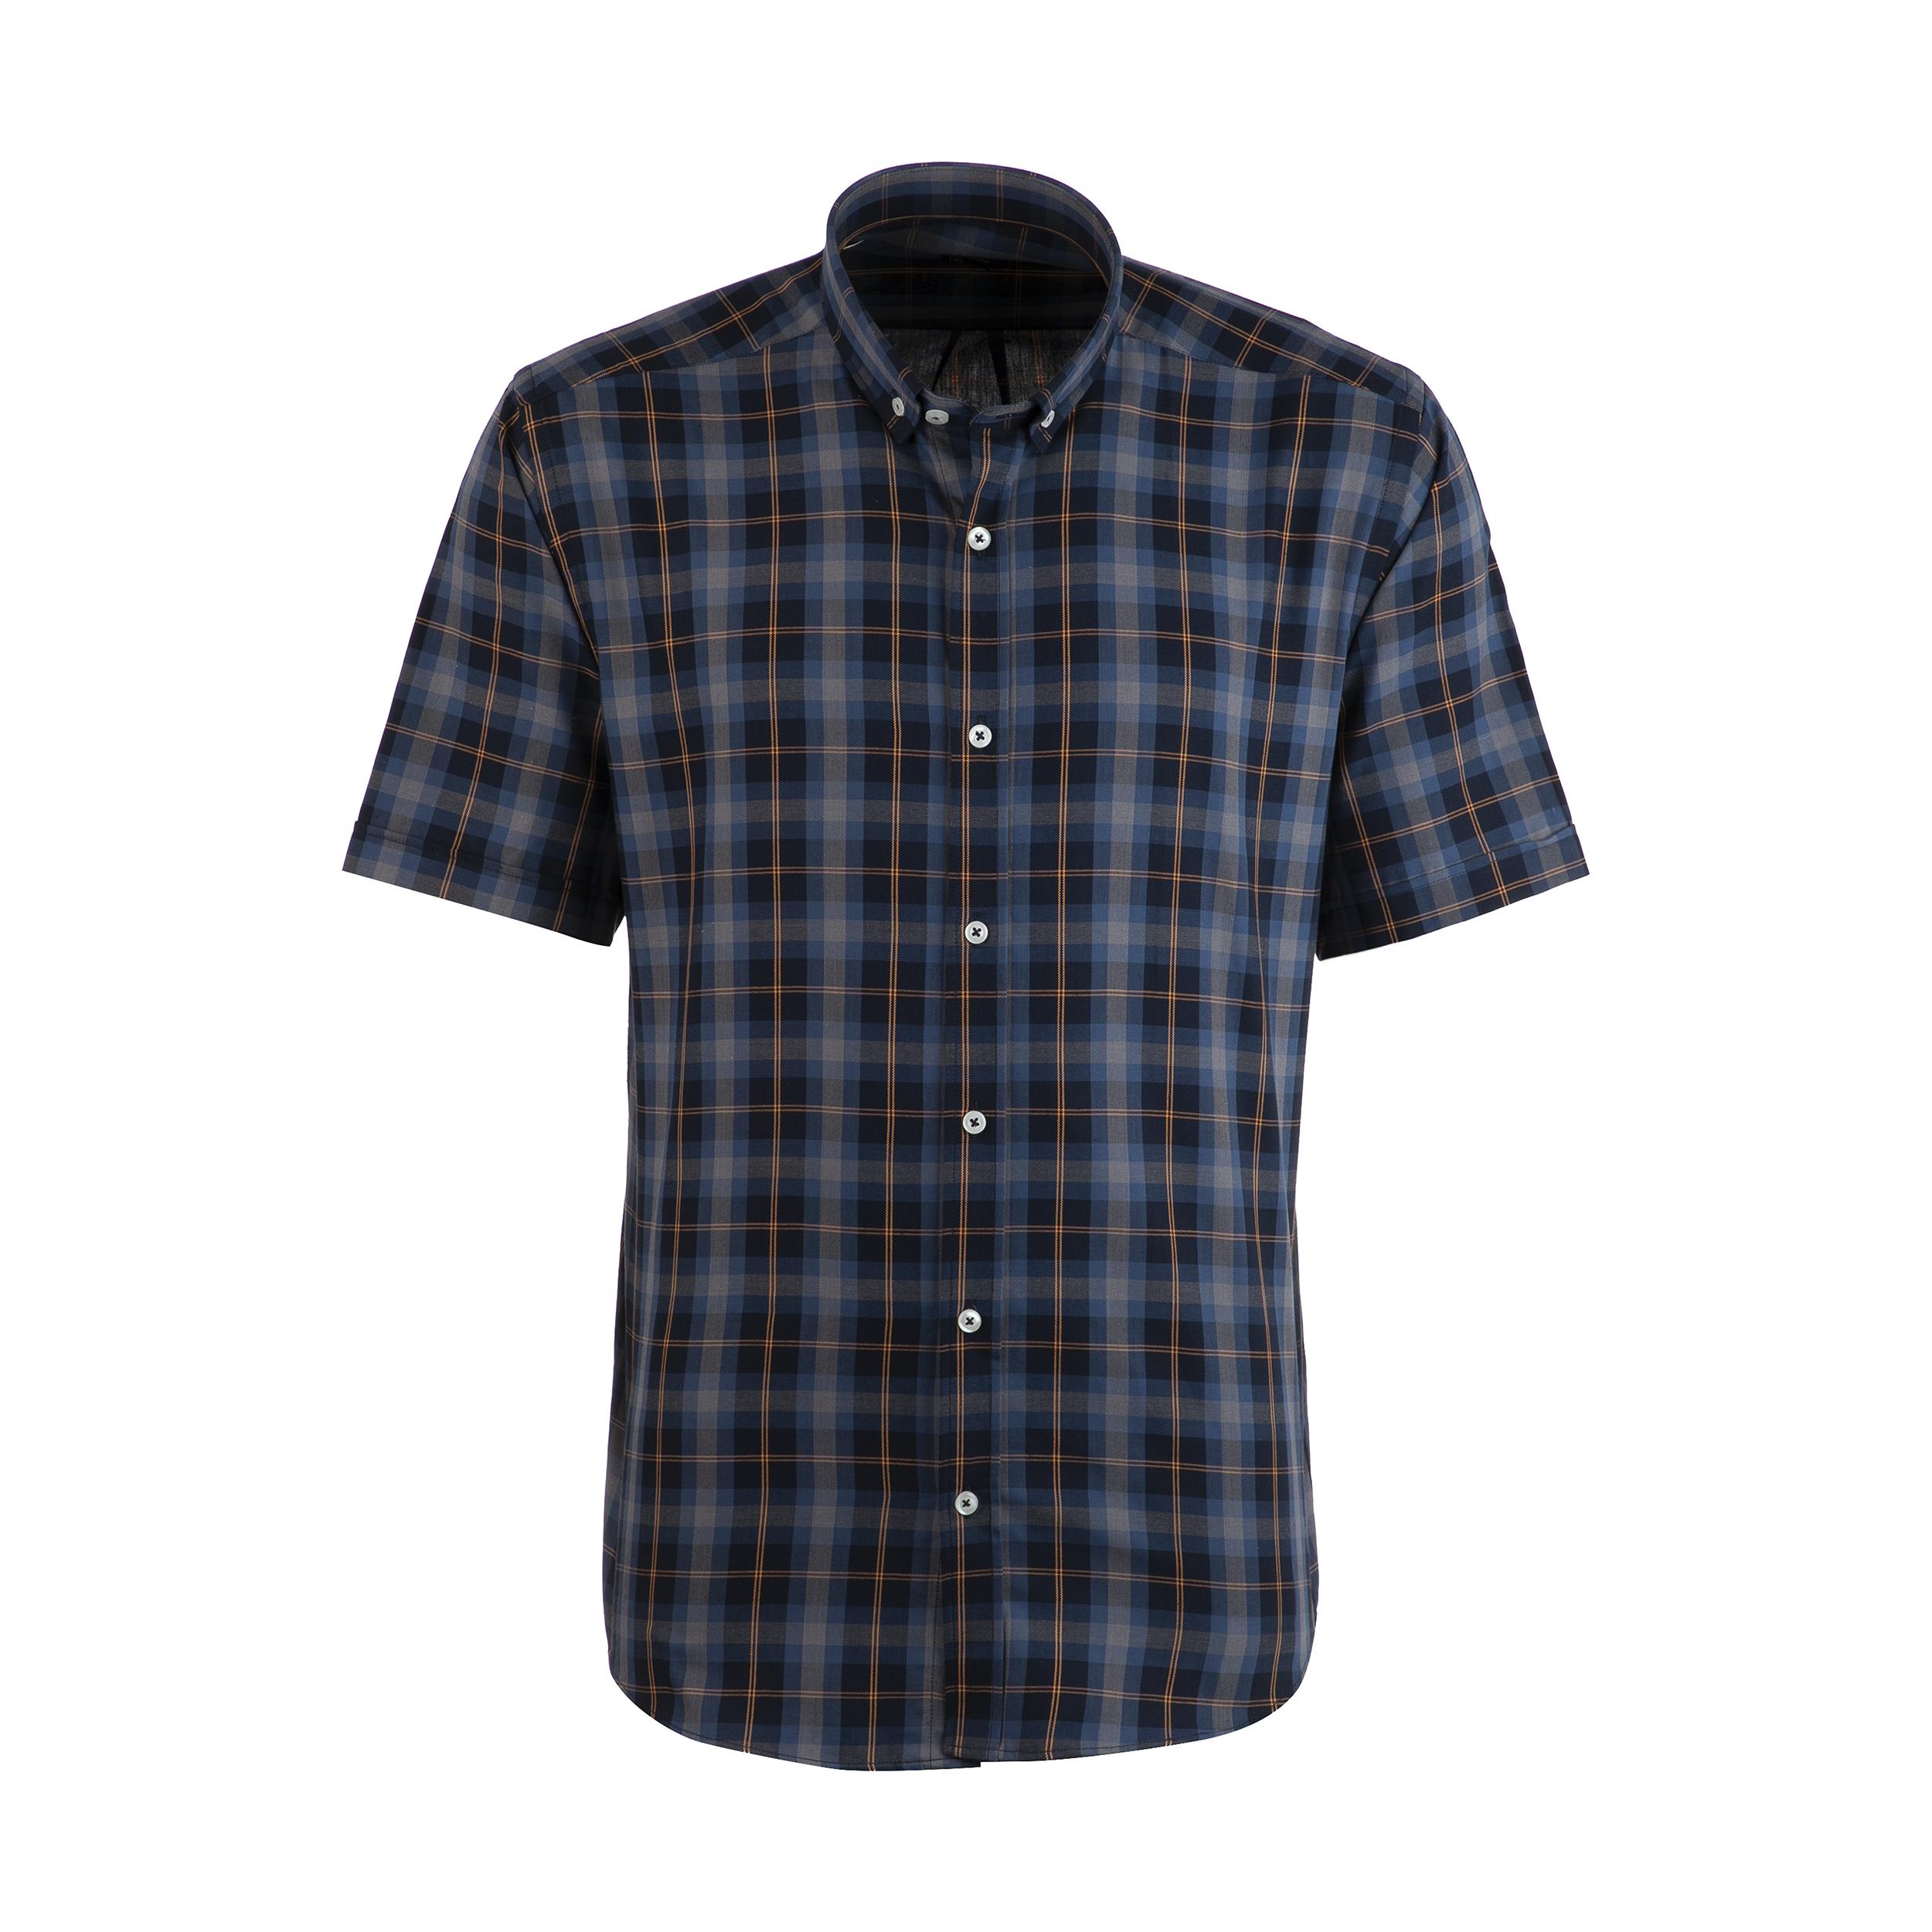 پیراهن مردانه زی مدل 1531456mc